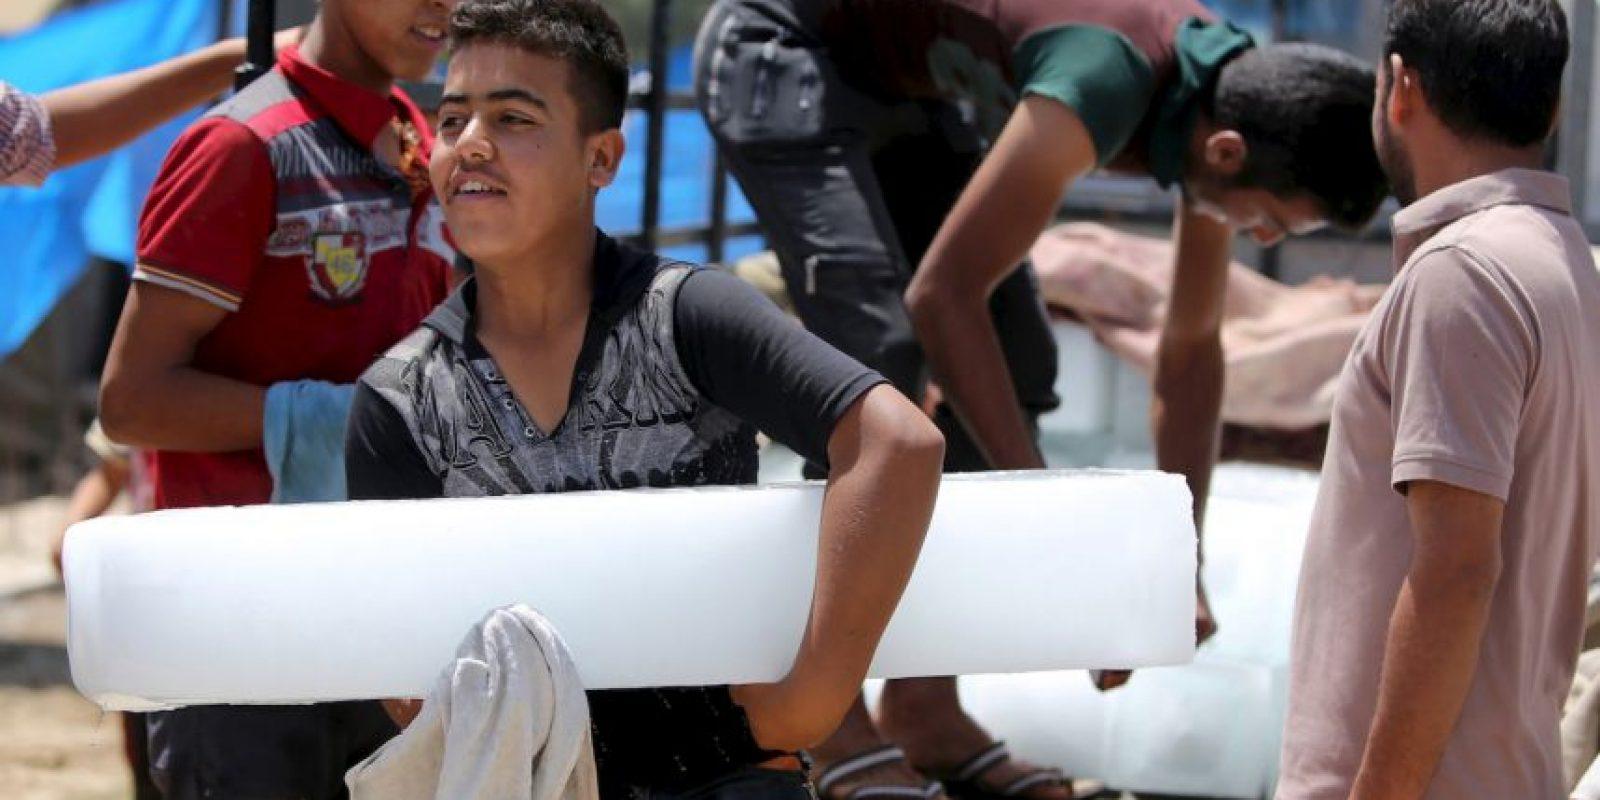 Un informe del Observatorio Sirio para Derechos Humanos ha revelado que en lo que va de 2015 un total de 52 niños soldados reclutados por Estado Islámico han fallecido. Foto:AFP